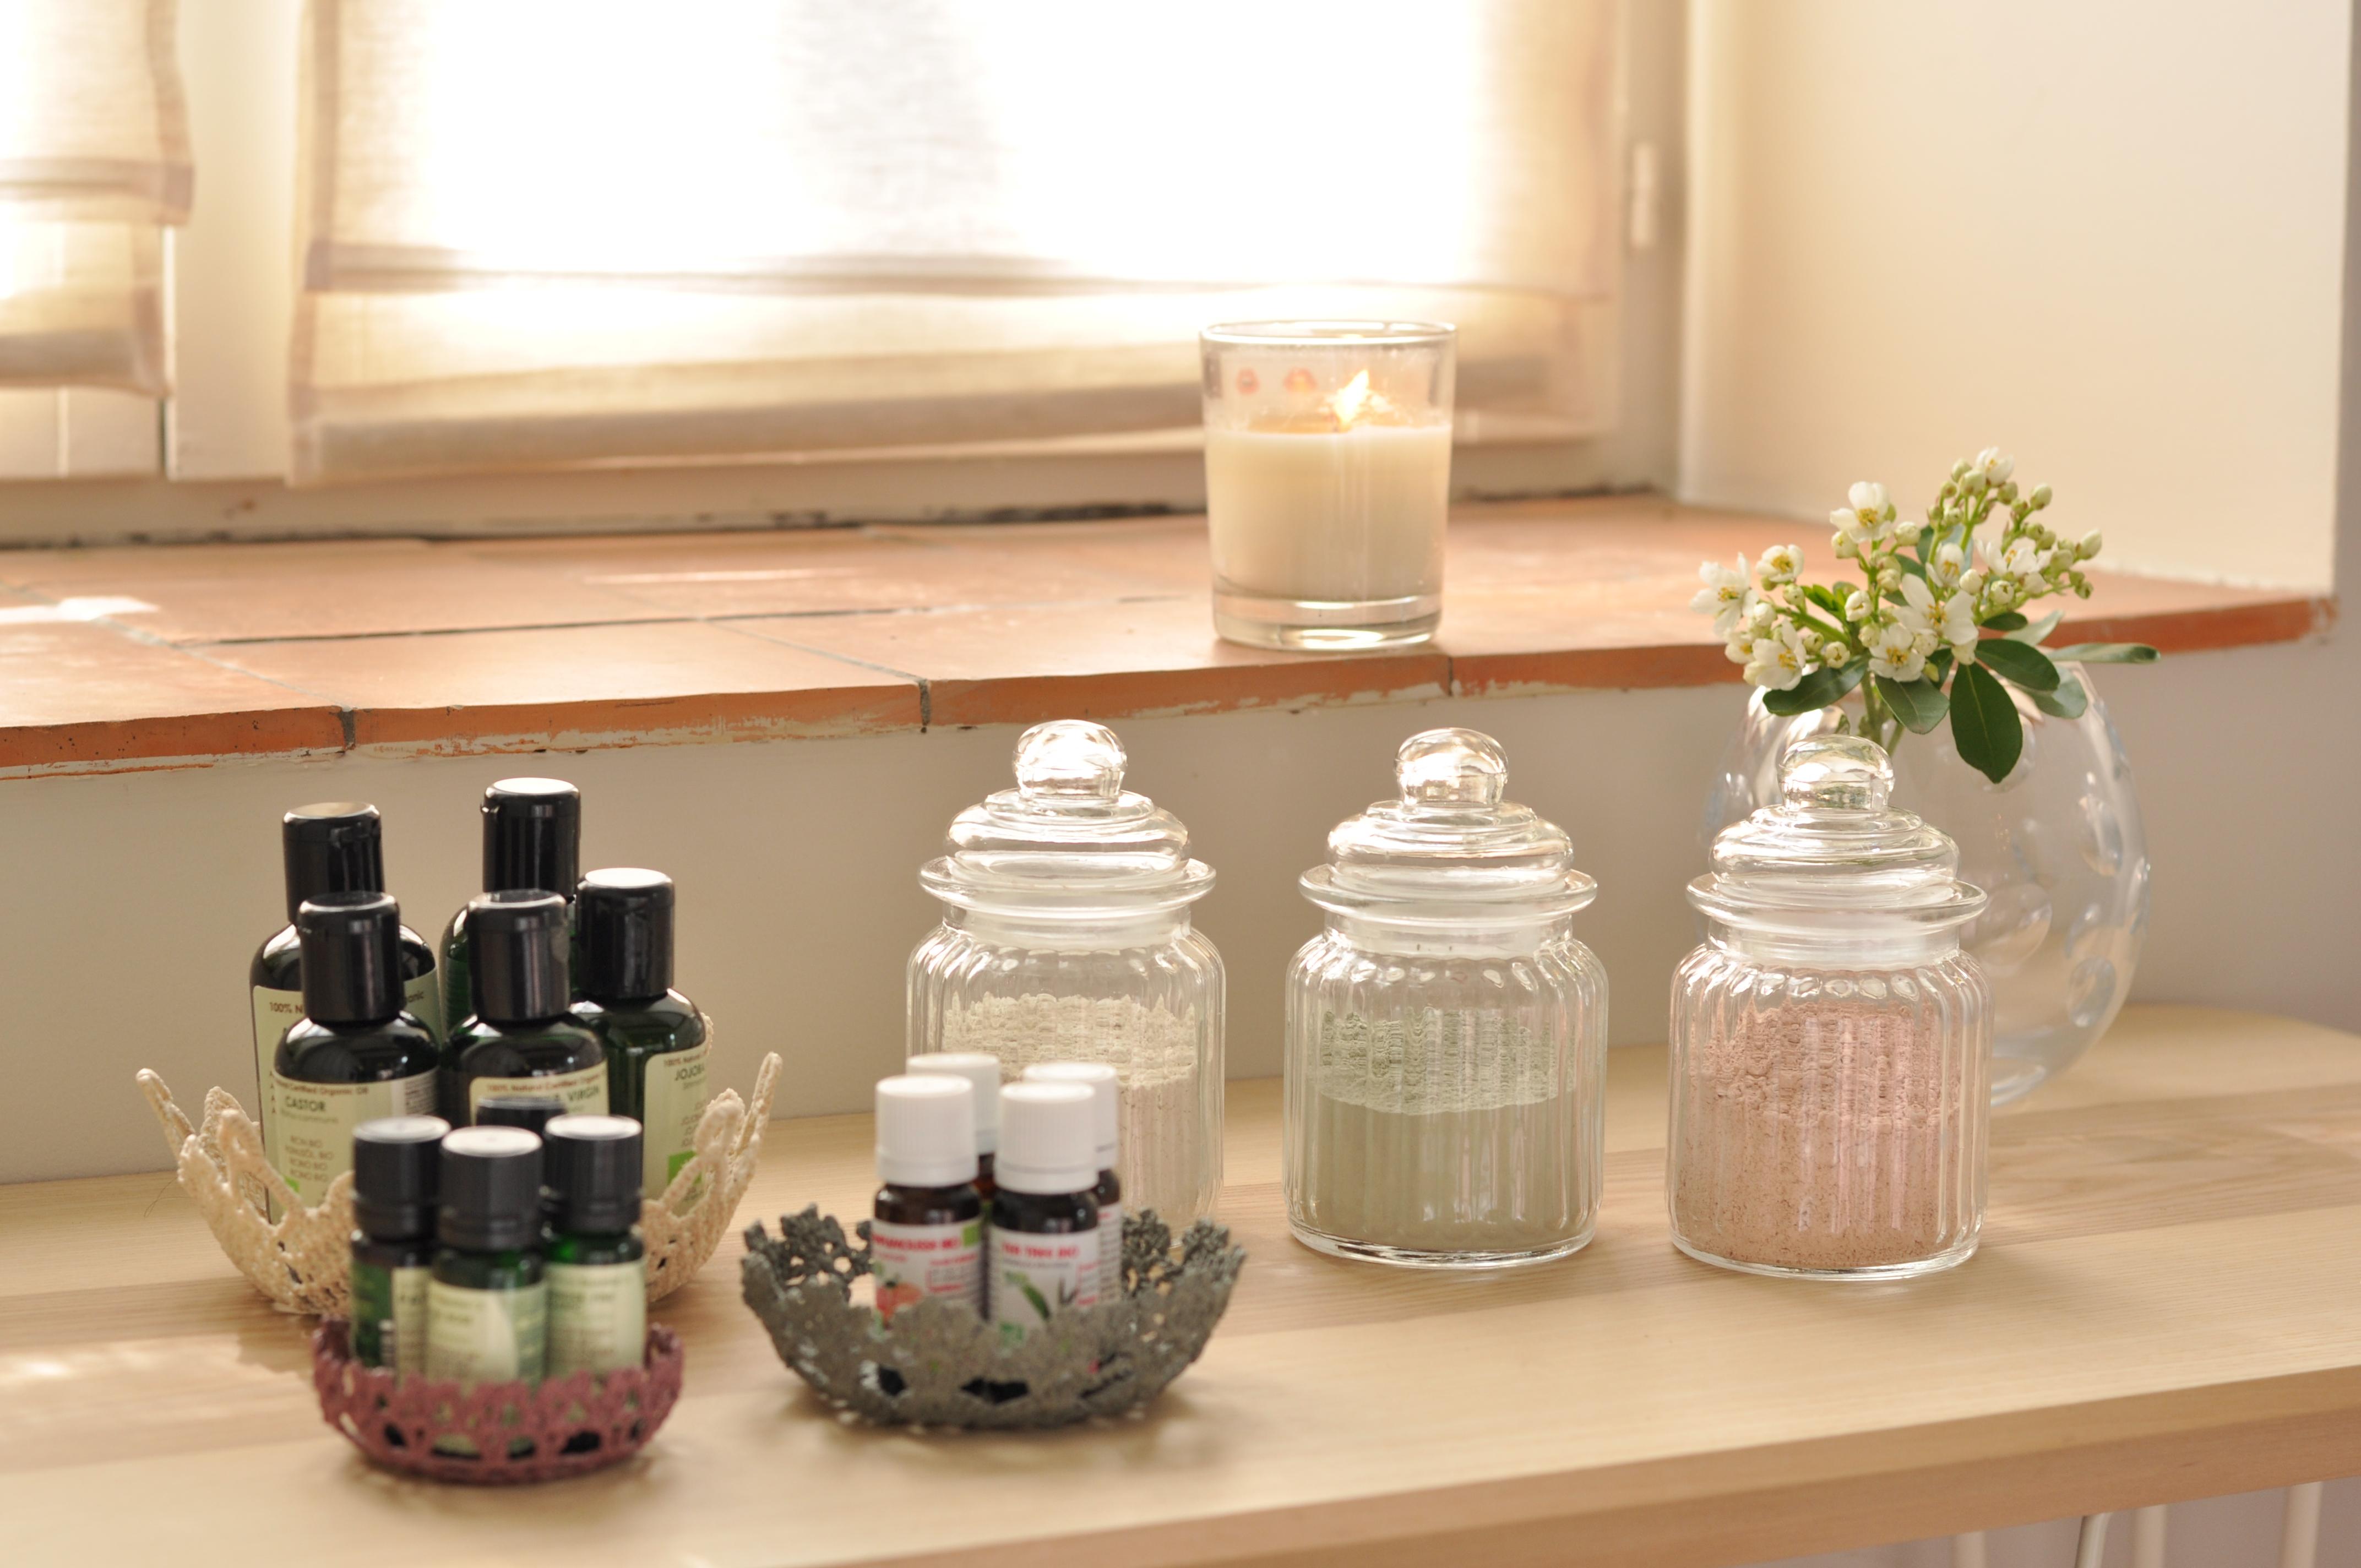 huiles essentielles, argiles naturelles dans pots en verre, bougie, nioumii massage & beauté Marcq en Baroeul